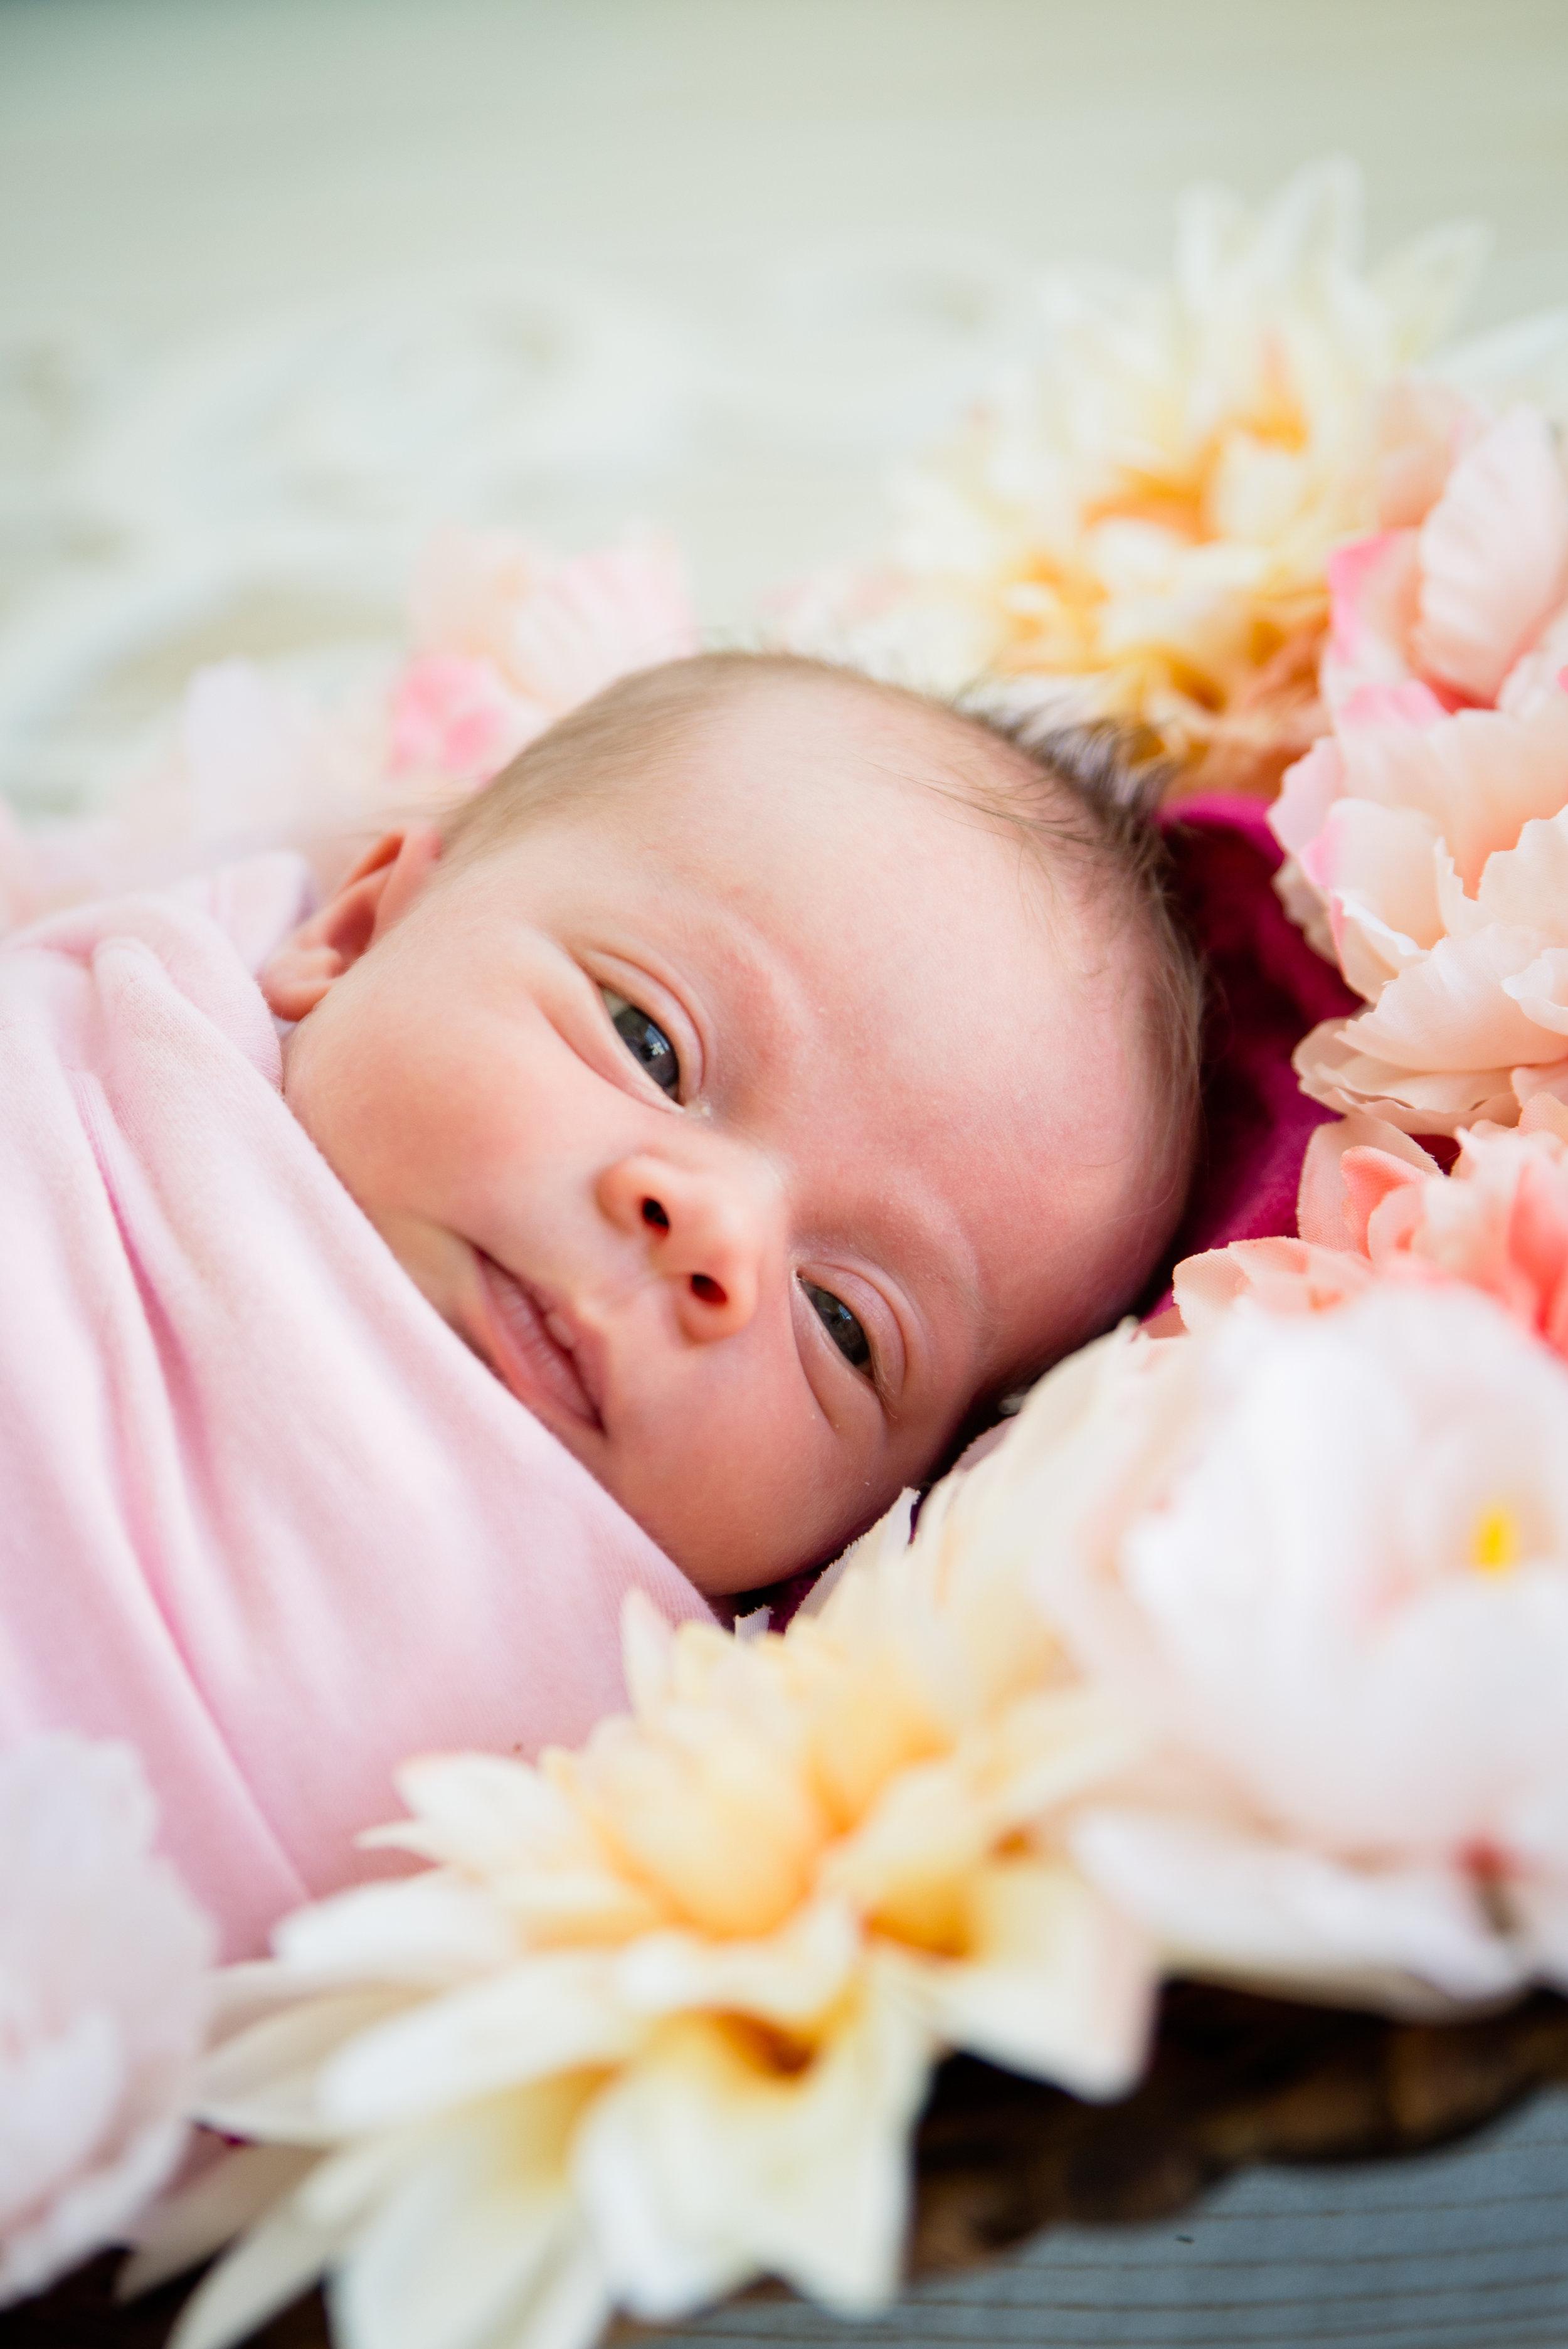 Baby EM Fullsize-1.jpg